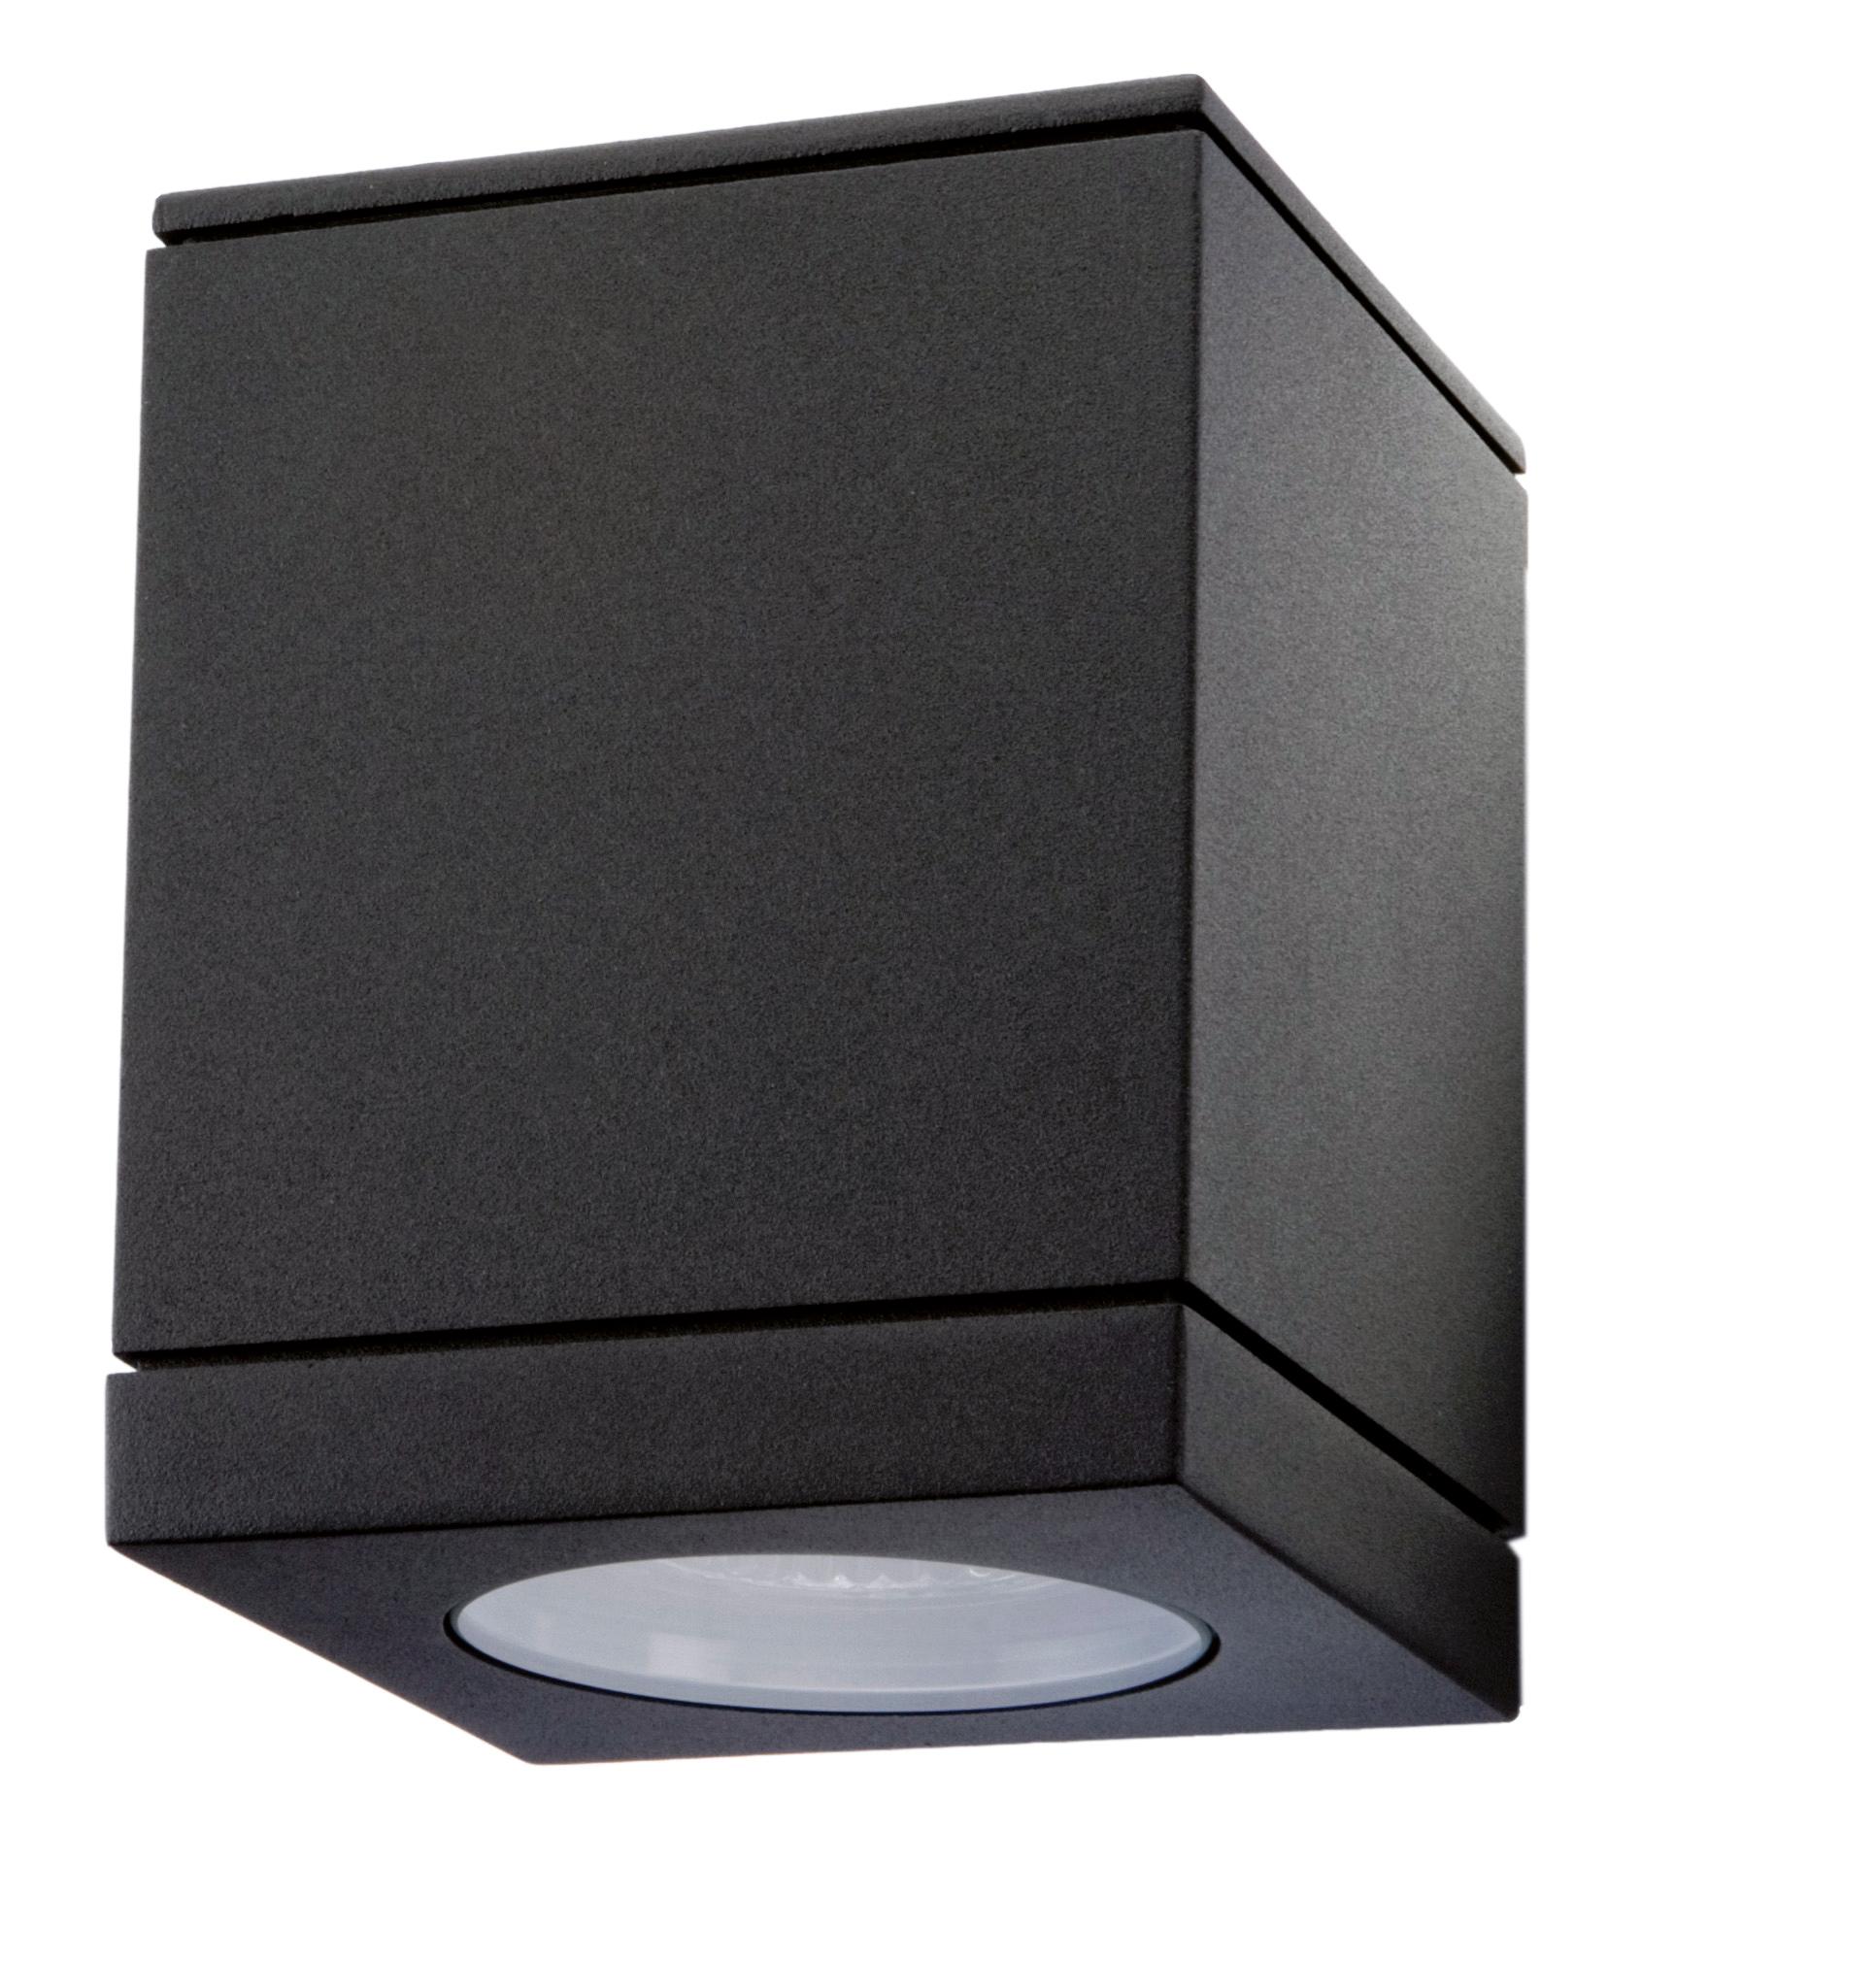 LED-Deckenleuchte, ELS 540N/525N/541N